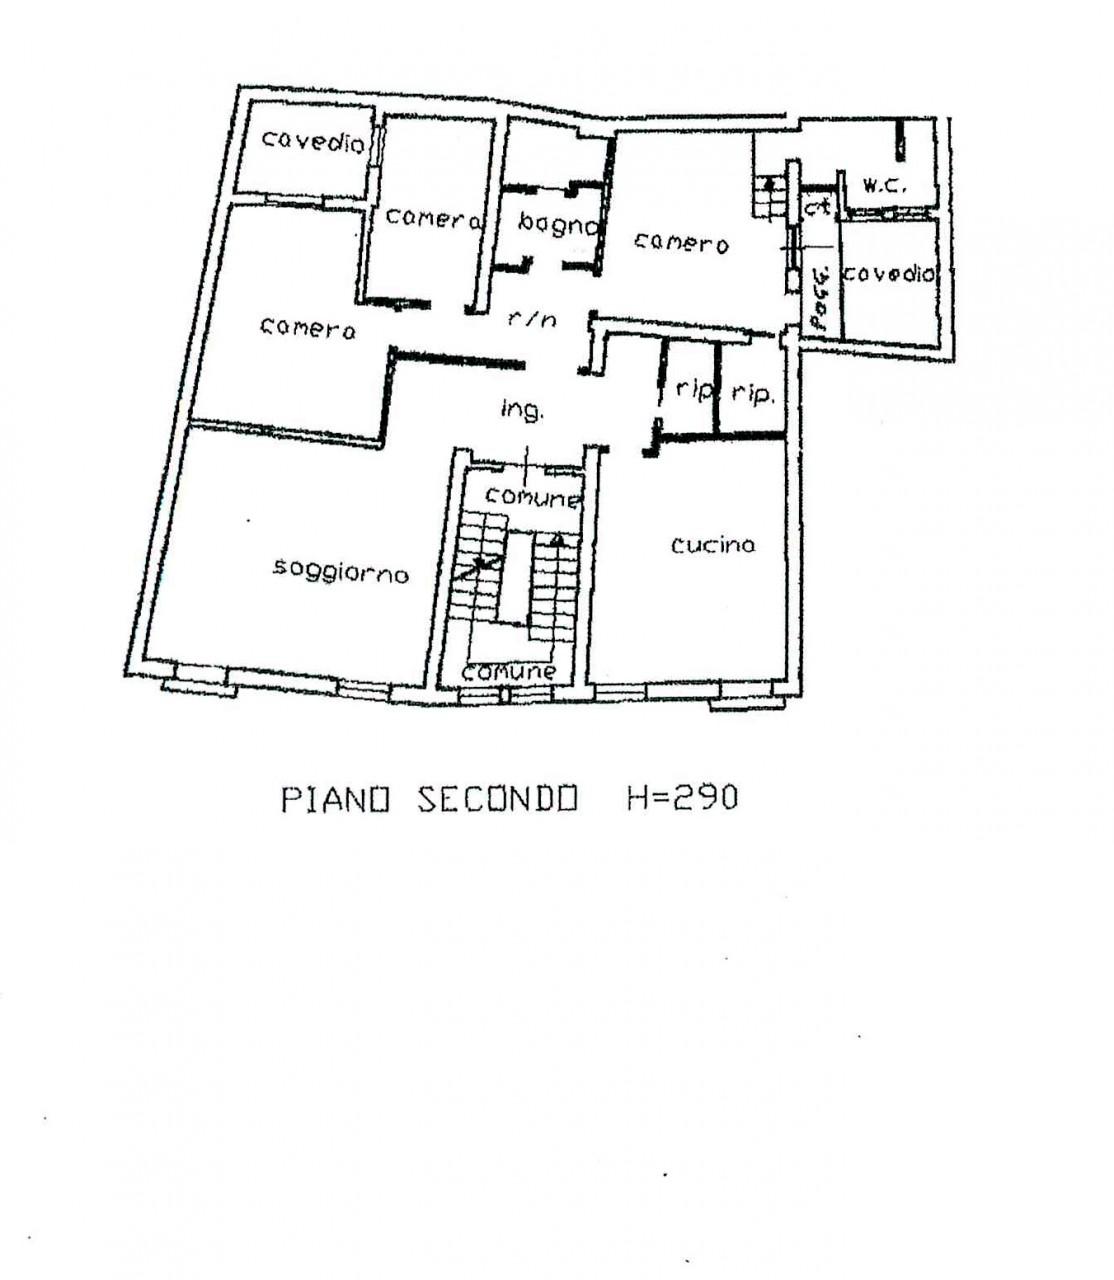 piazze appartamento con tre camere